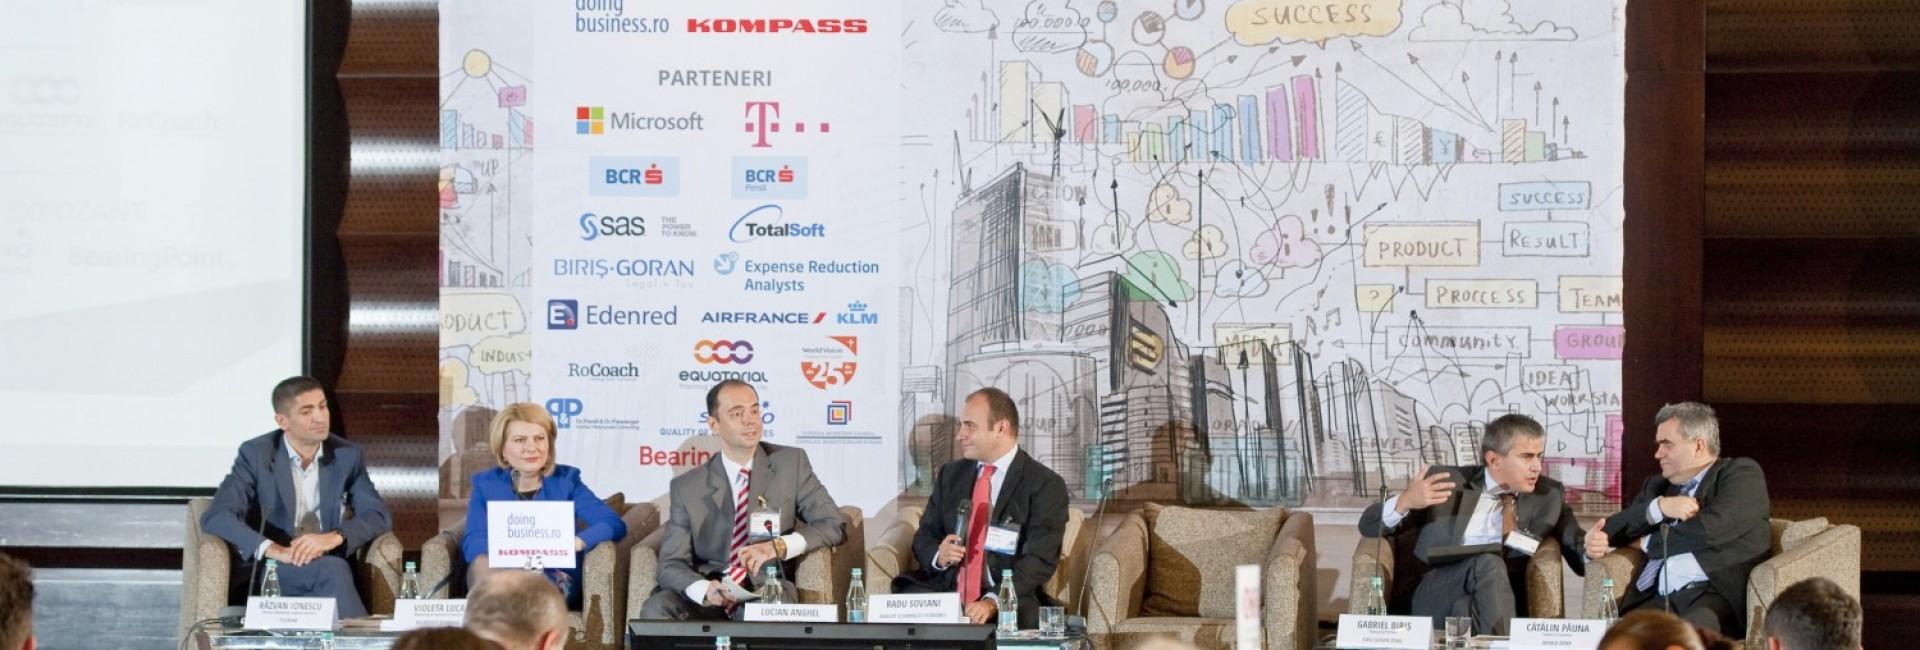 Business to more Business - Solutii pentru dezvoltarea afacerilor - Timisoara, 2016